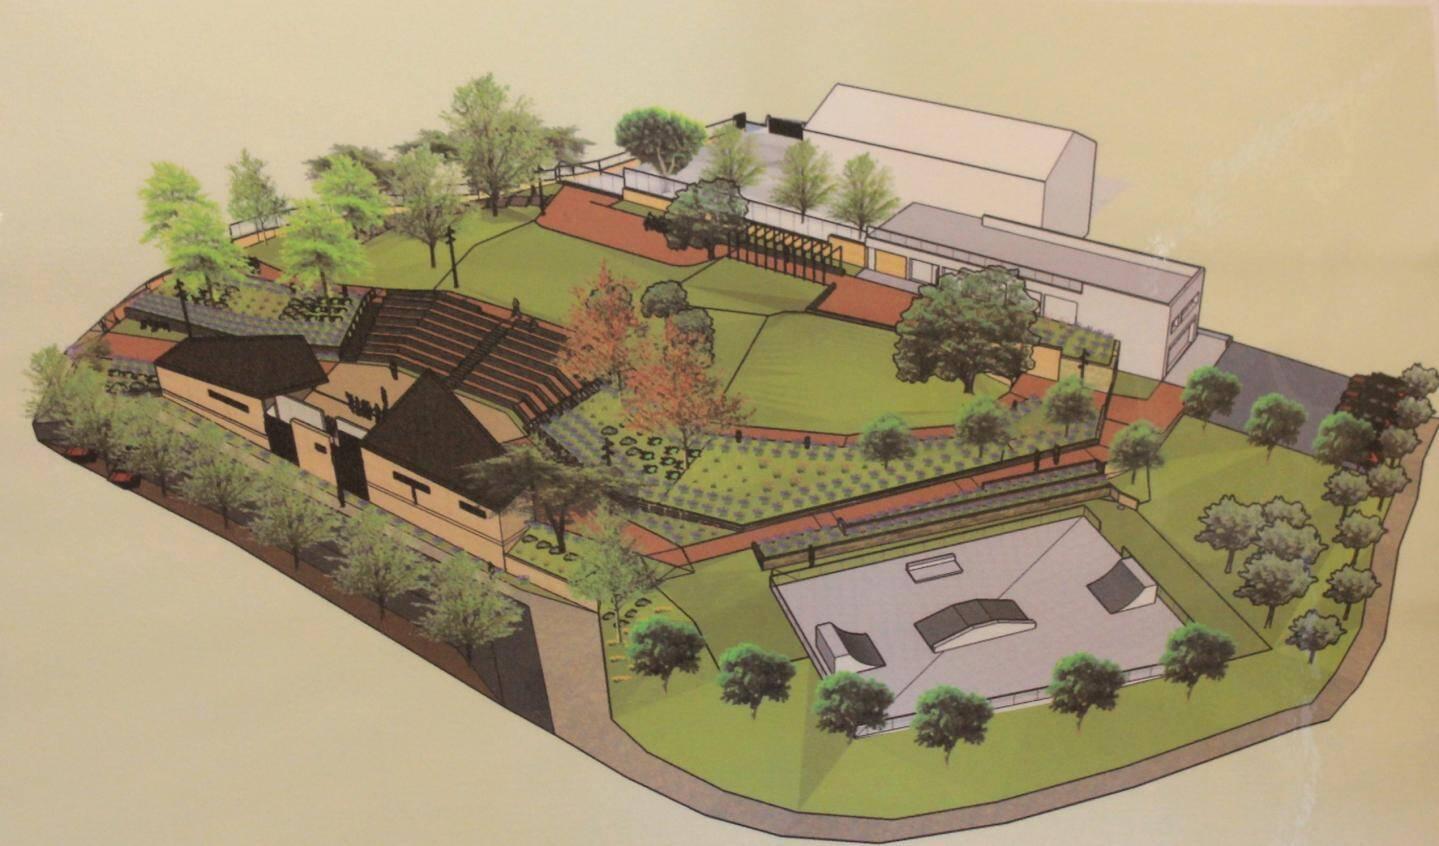 Voici le futur théâtre de verdure, comme repères la médiathèque en haut et le skatepark à droite.